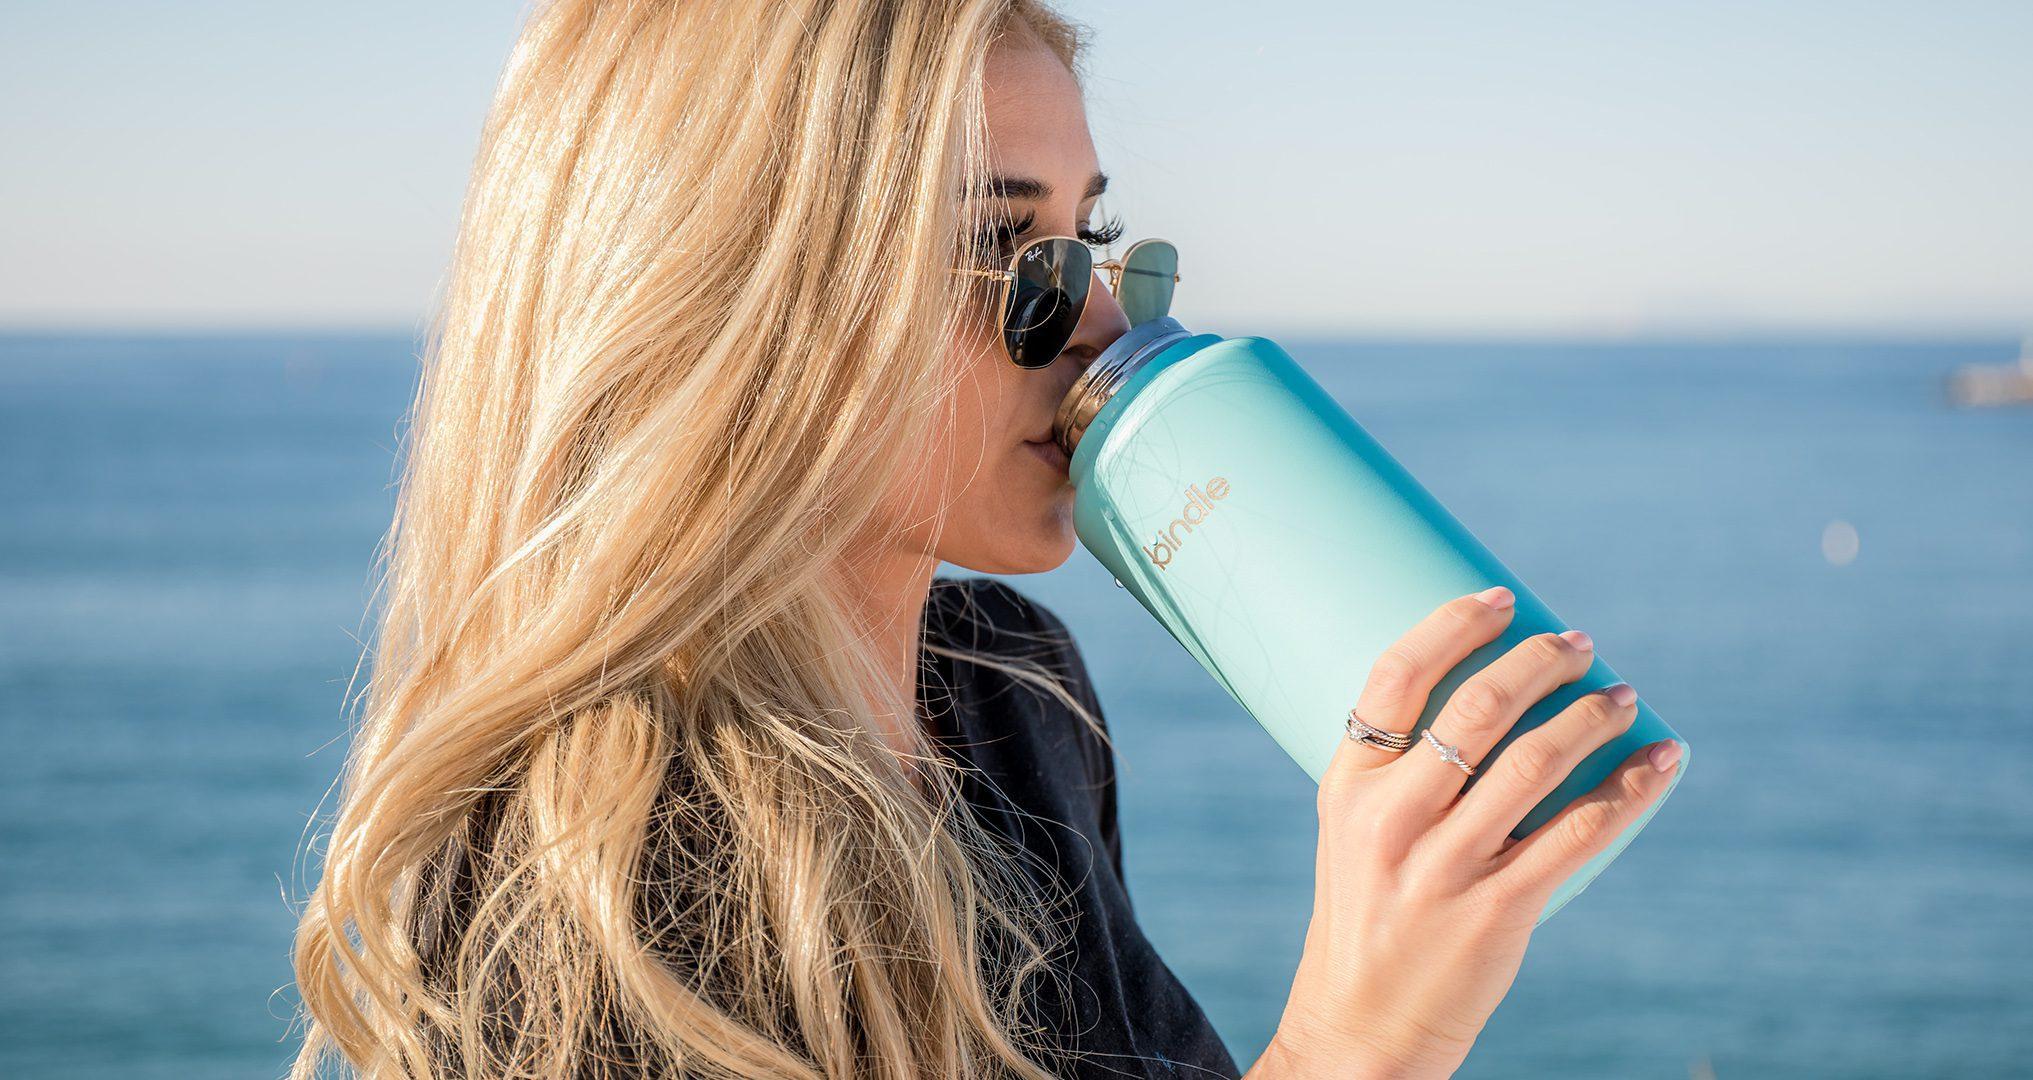 Woman drinking water near ocean